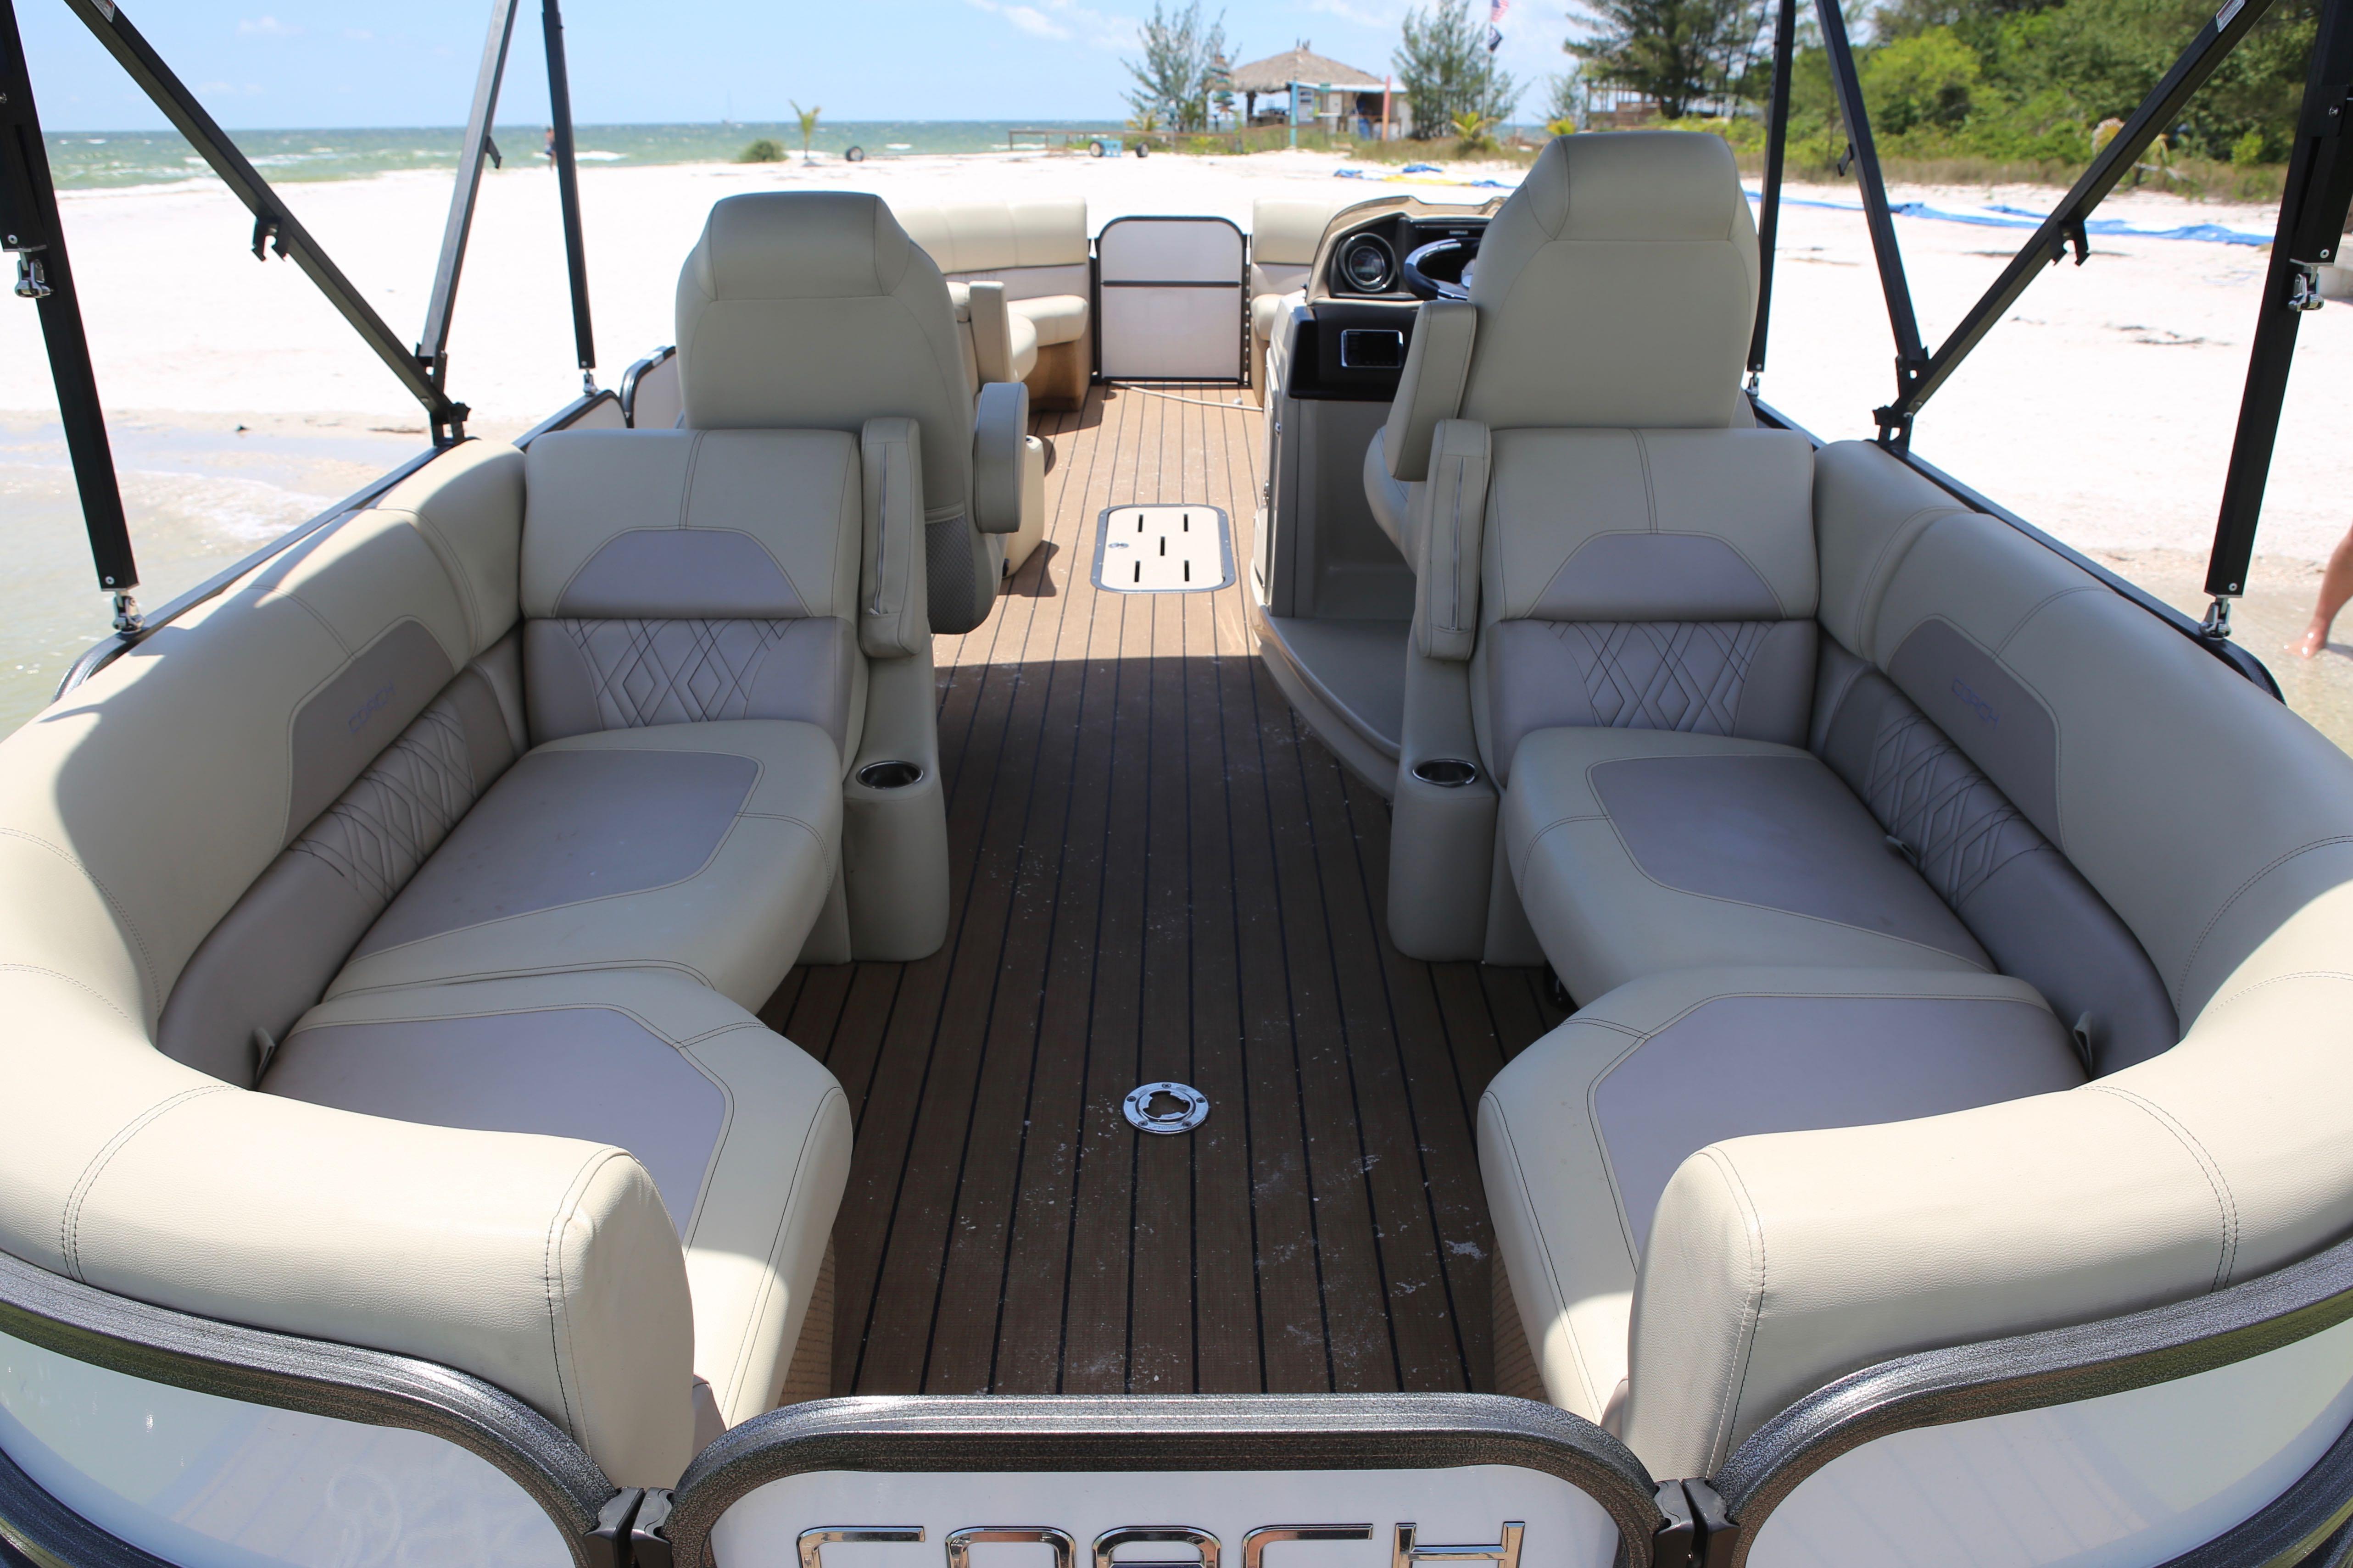 boat pic 4 - 1.jpg